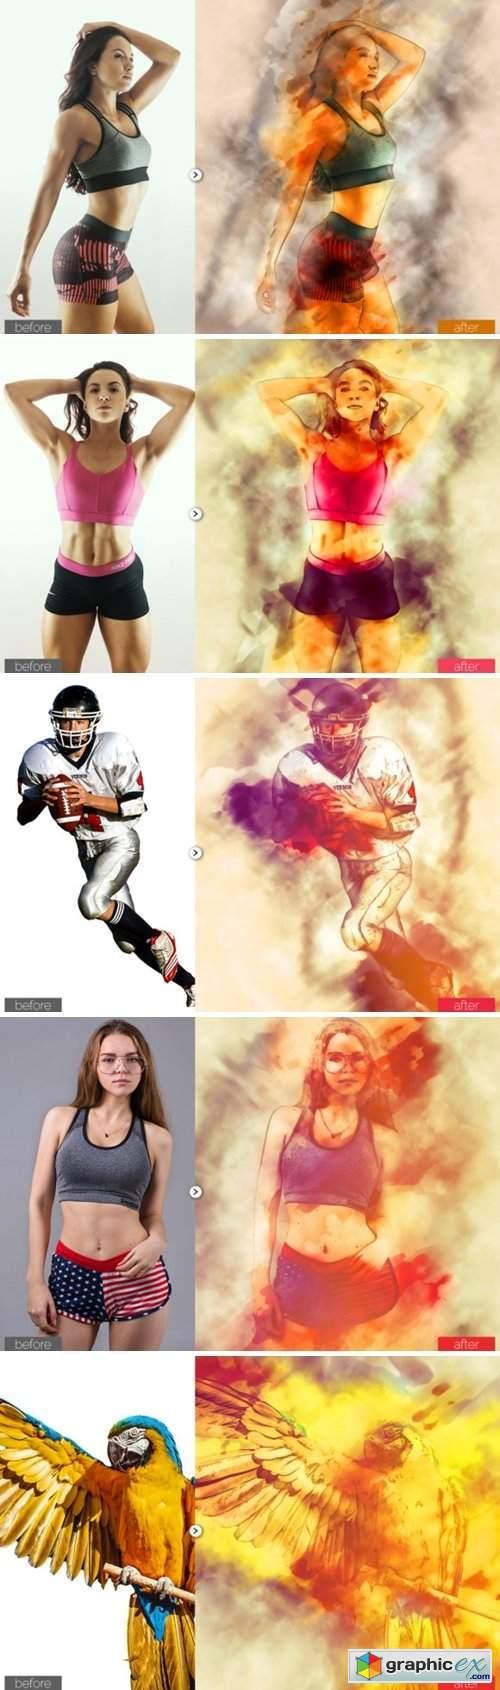 Digital Paint Photoshop Action